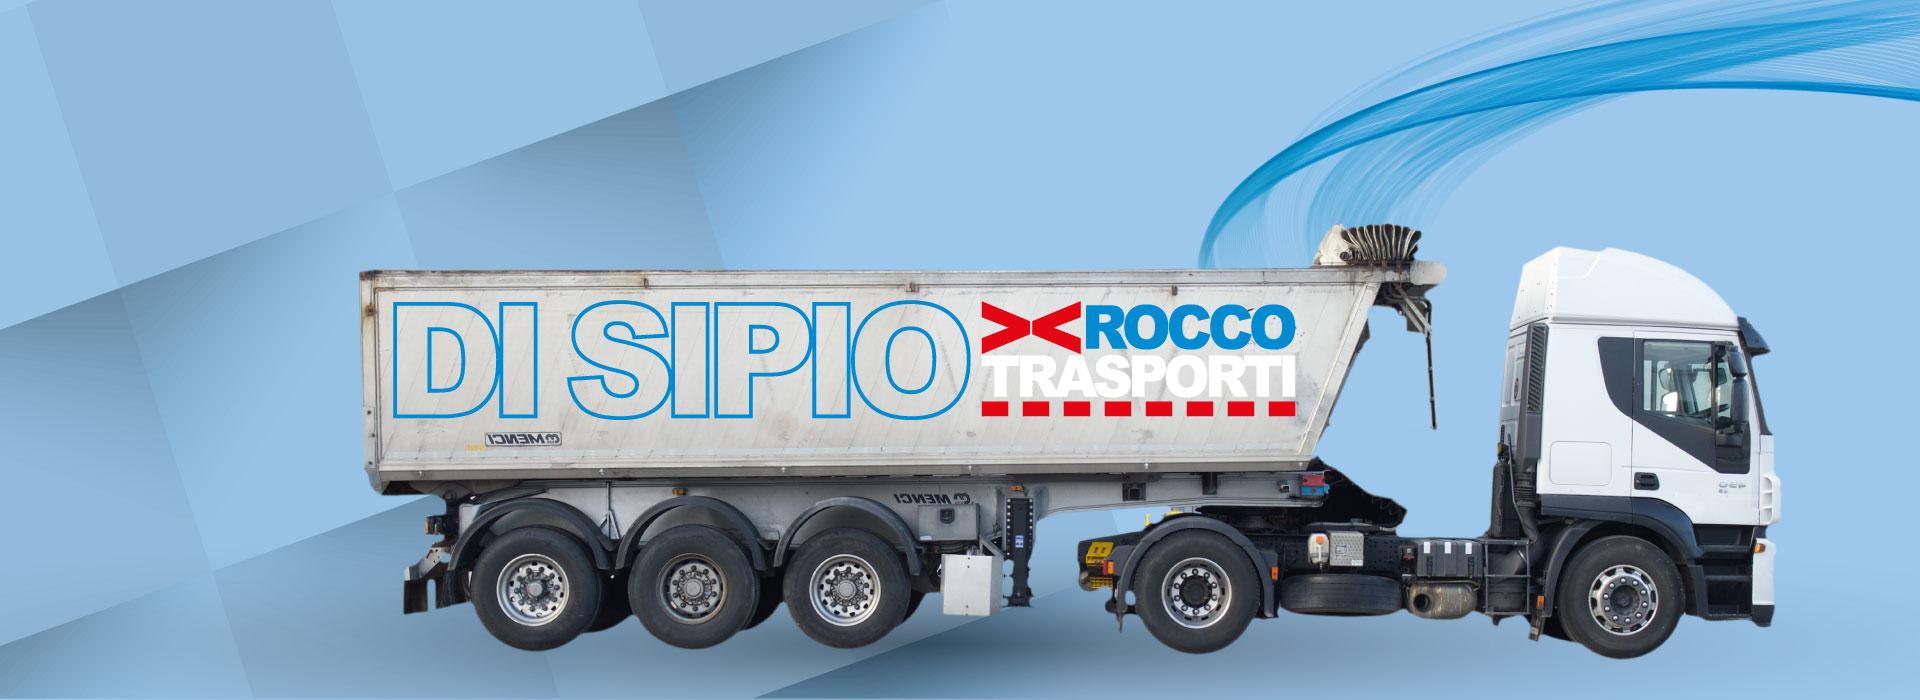 Di_Sipio_Rocco_Trasporti_CAMION_HOME_004